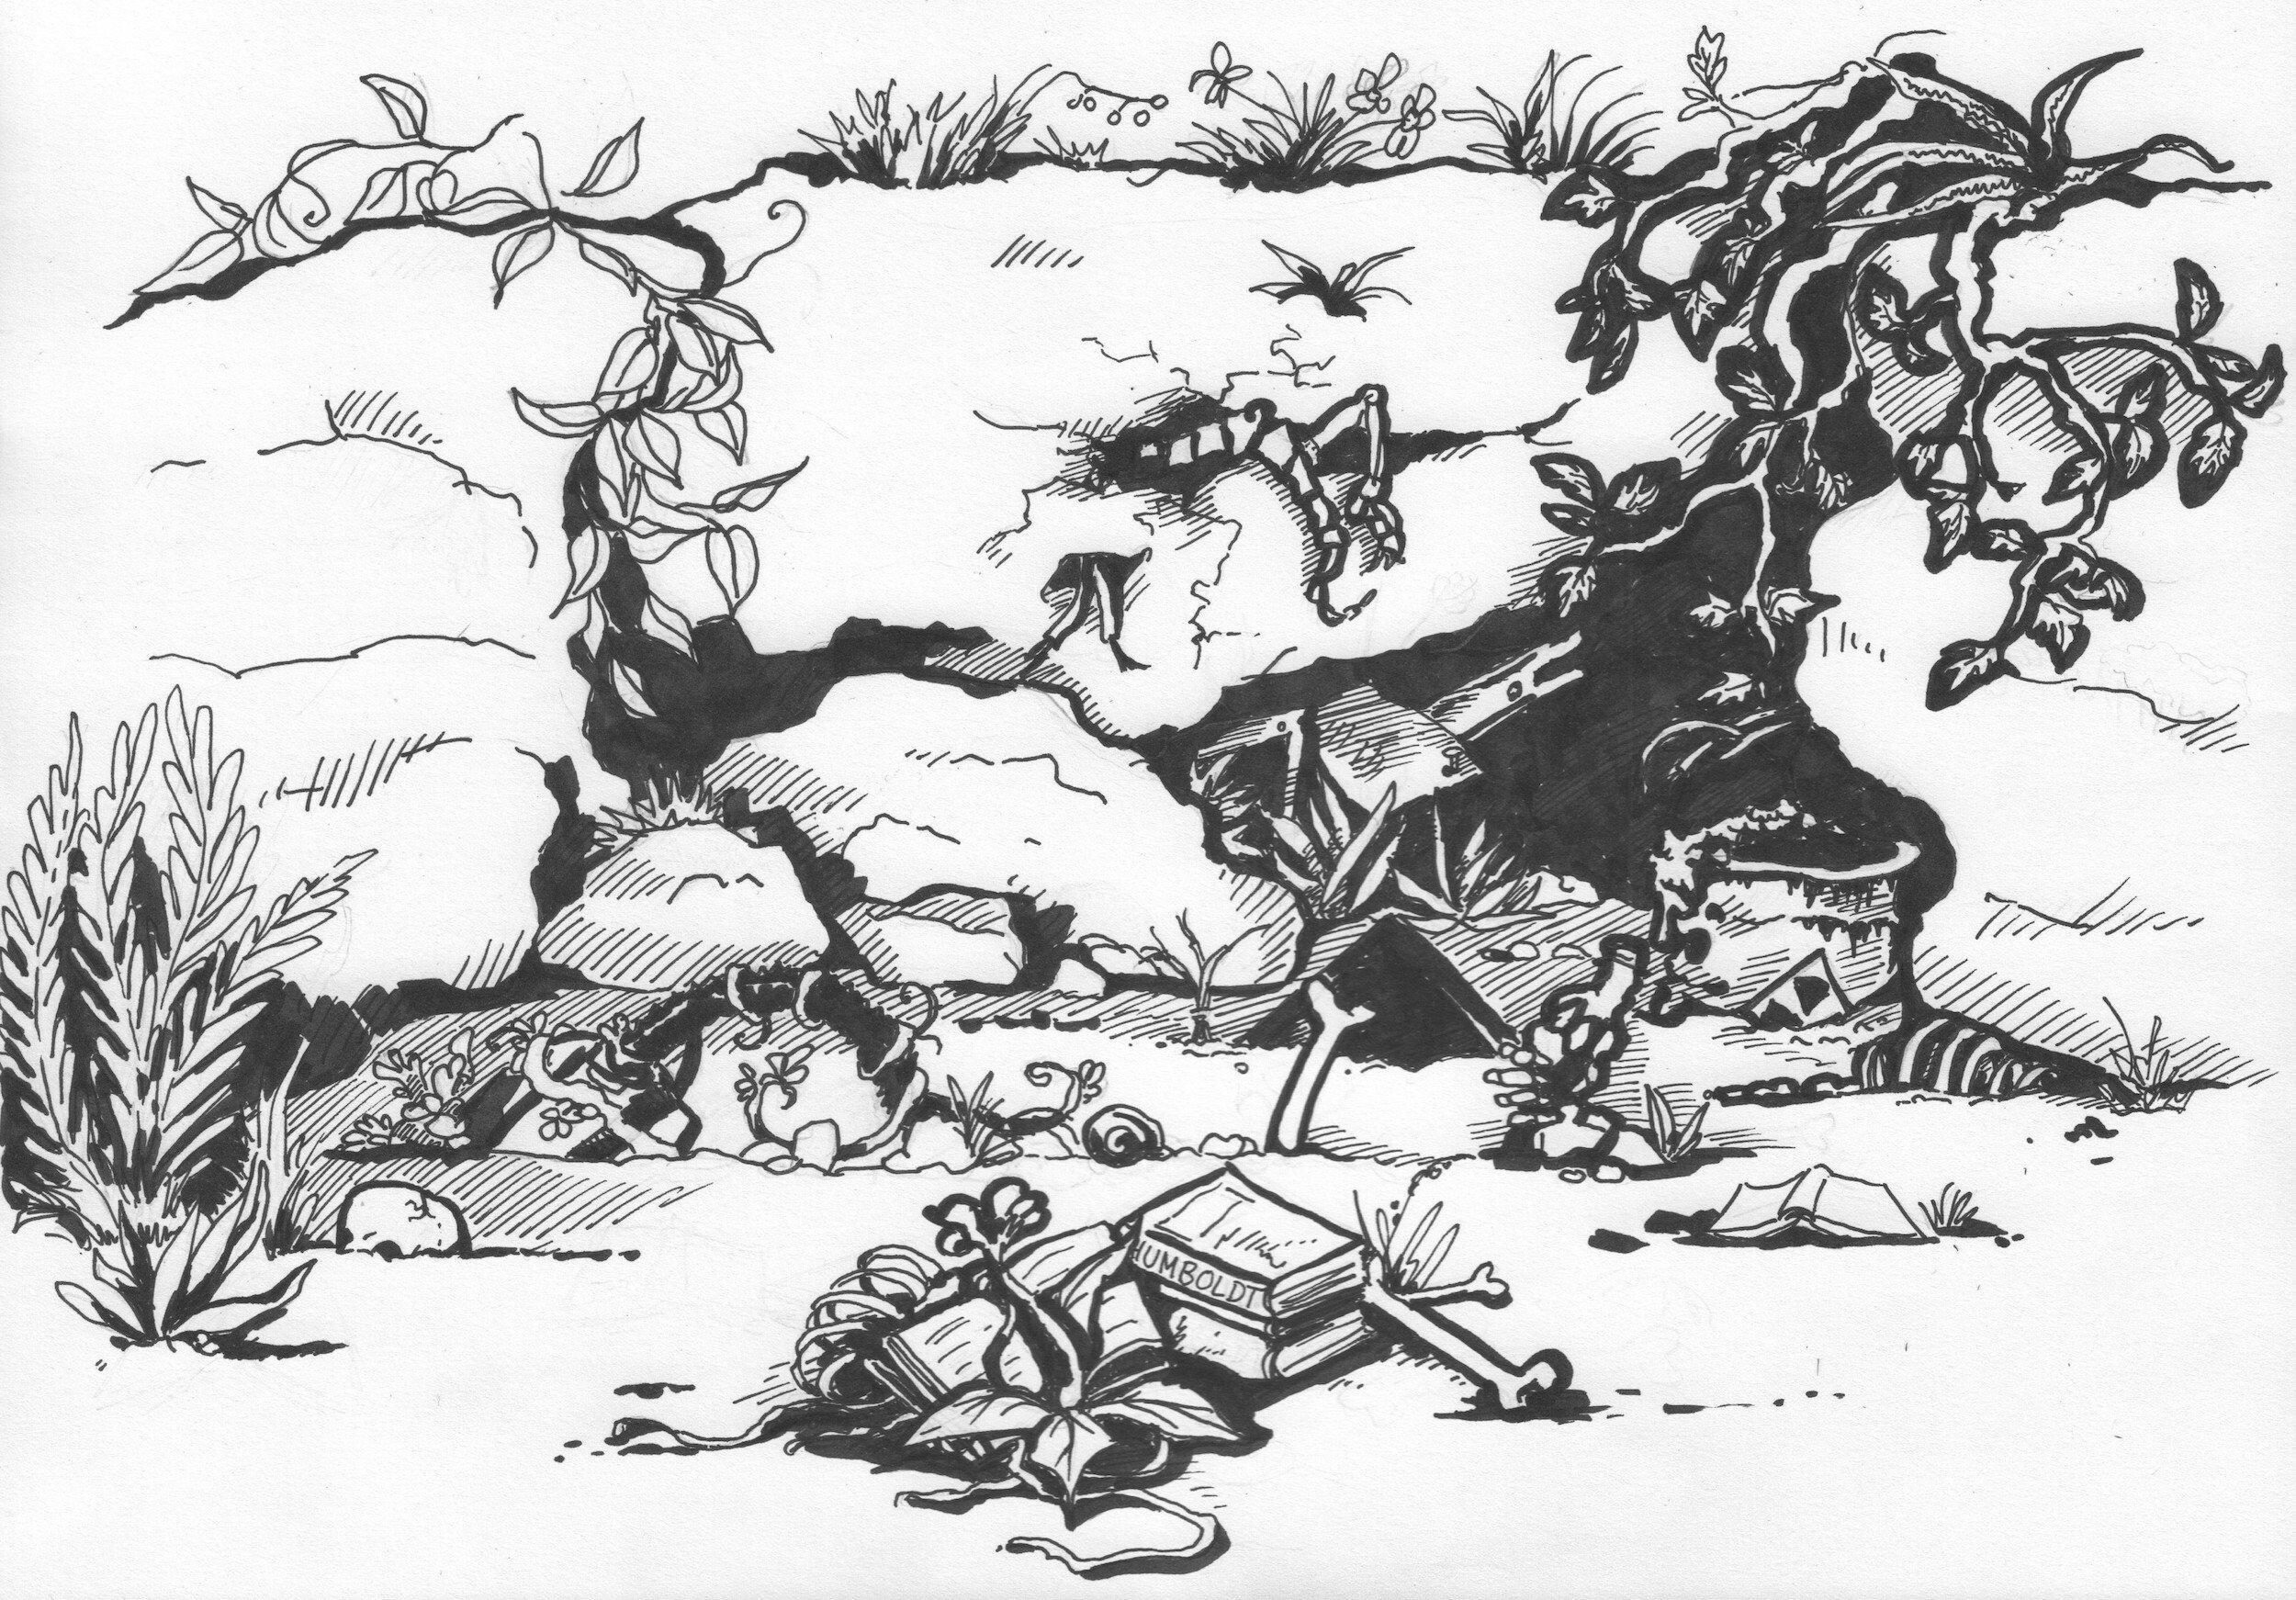 Die Illustration zeigt eine fiktive Ausgrabungsstätte der Zukunft, aus der Artefakte der Moderne herausragen, darunter radioaktiver Müll und ein Buch von Alexander von Humboldt, das die Zeit überstanden hat.